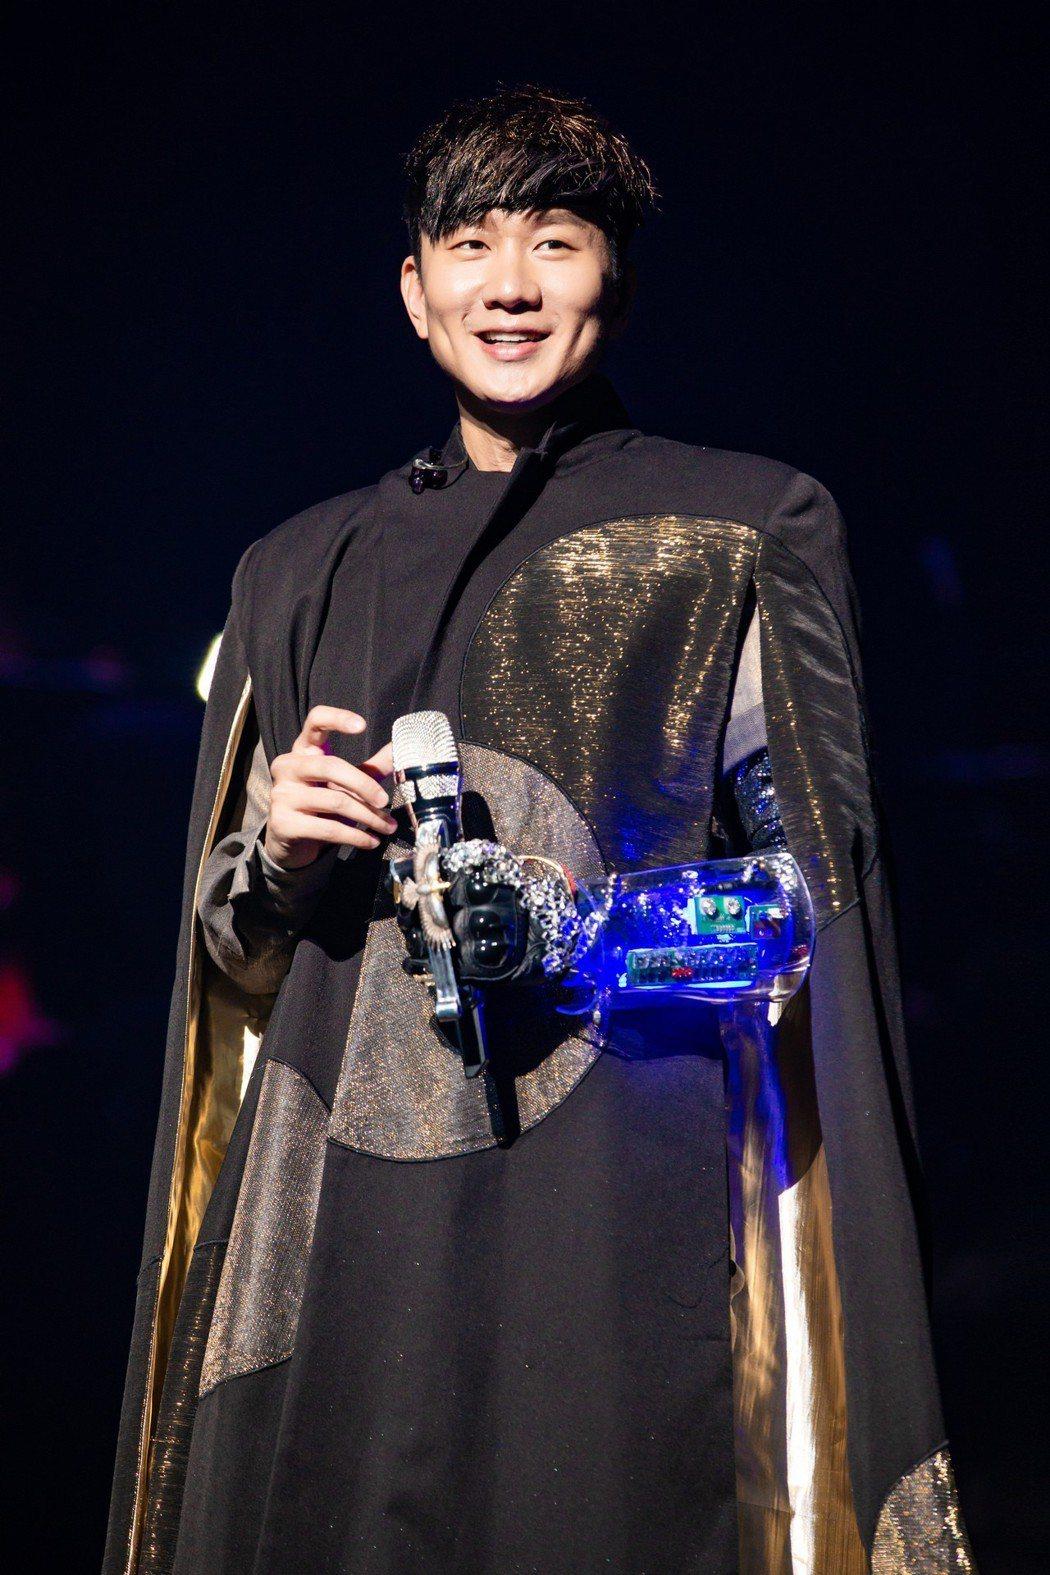 林俊傑在雪梨舉辦「聖所」世界巡演。圖/JFJ Productions提供